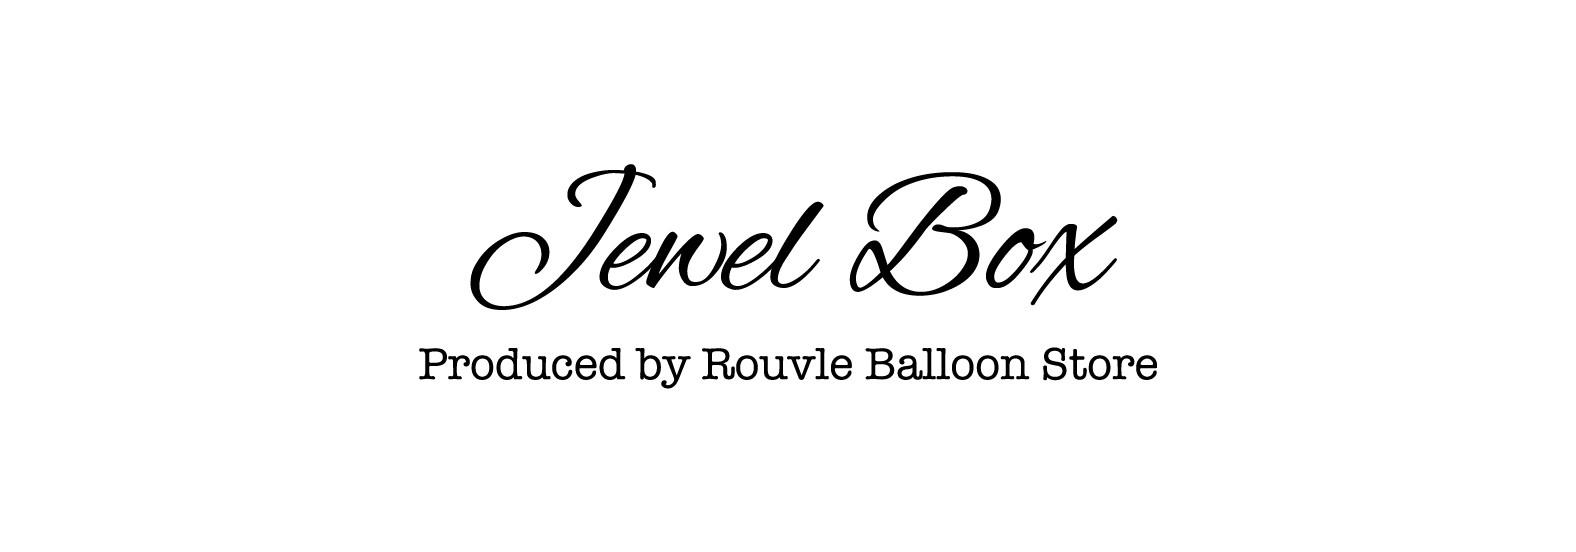 喜ばれるバルーンギフトを!中目黒の『Rouvle Balloon Store』のオンラインストア『jewel box』